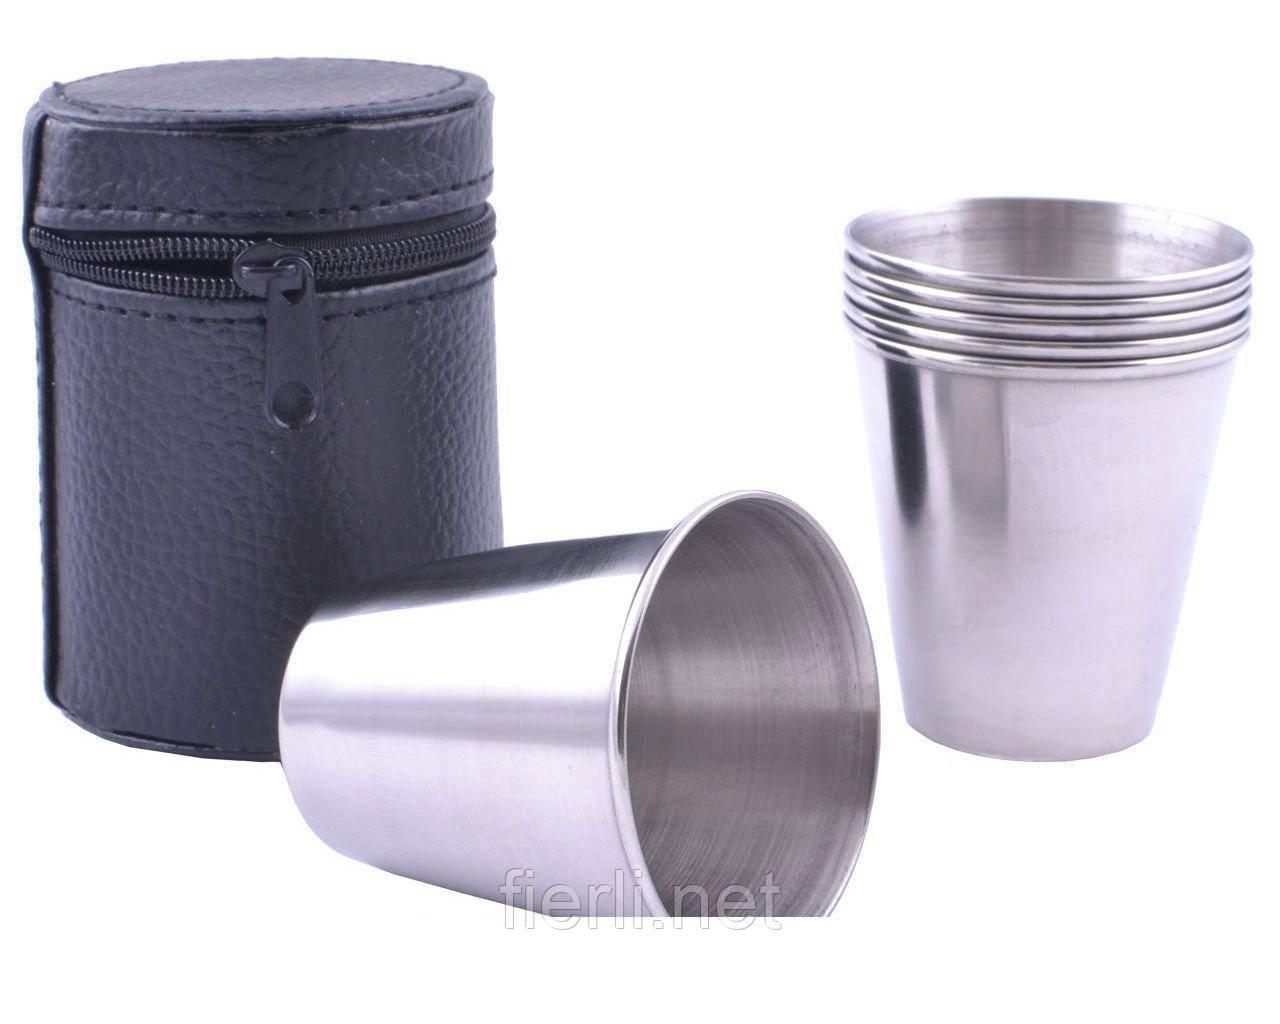 Походные рюмки из нержавеющей стали (6 шт) PM-14-6